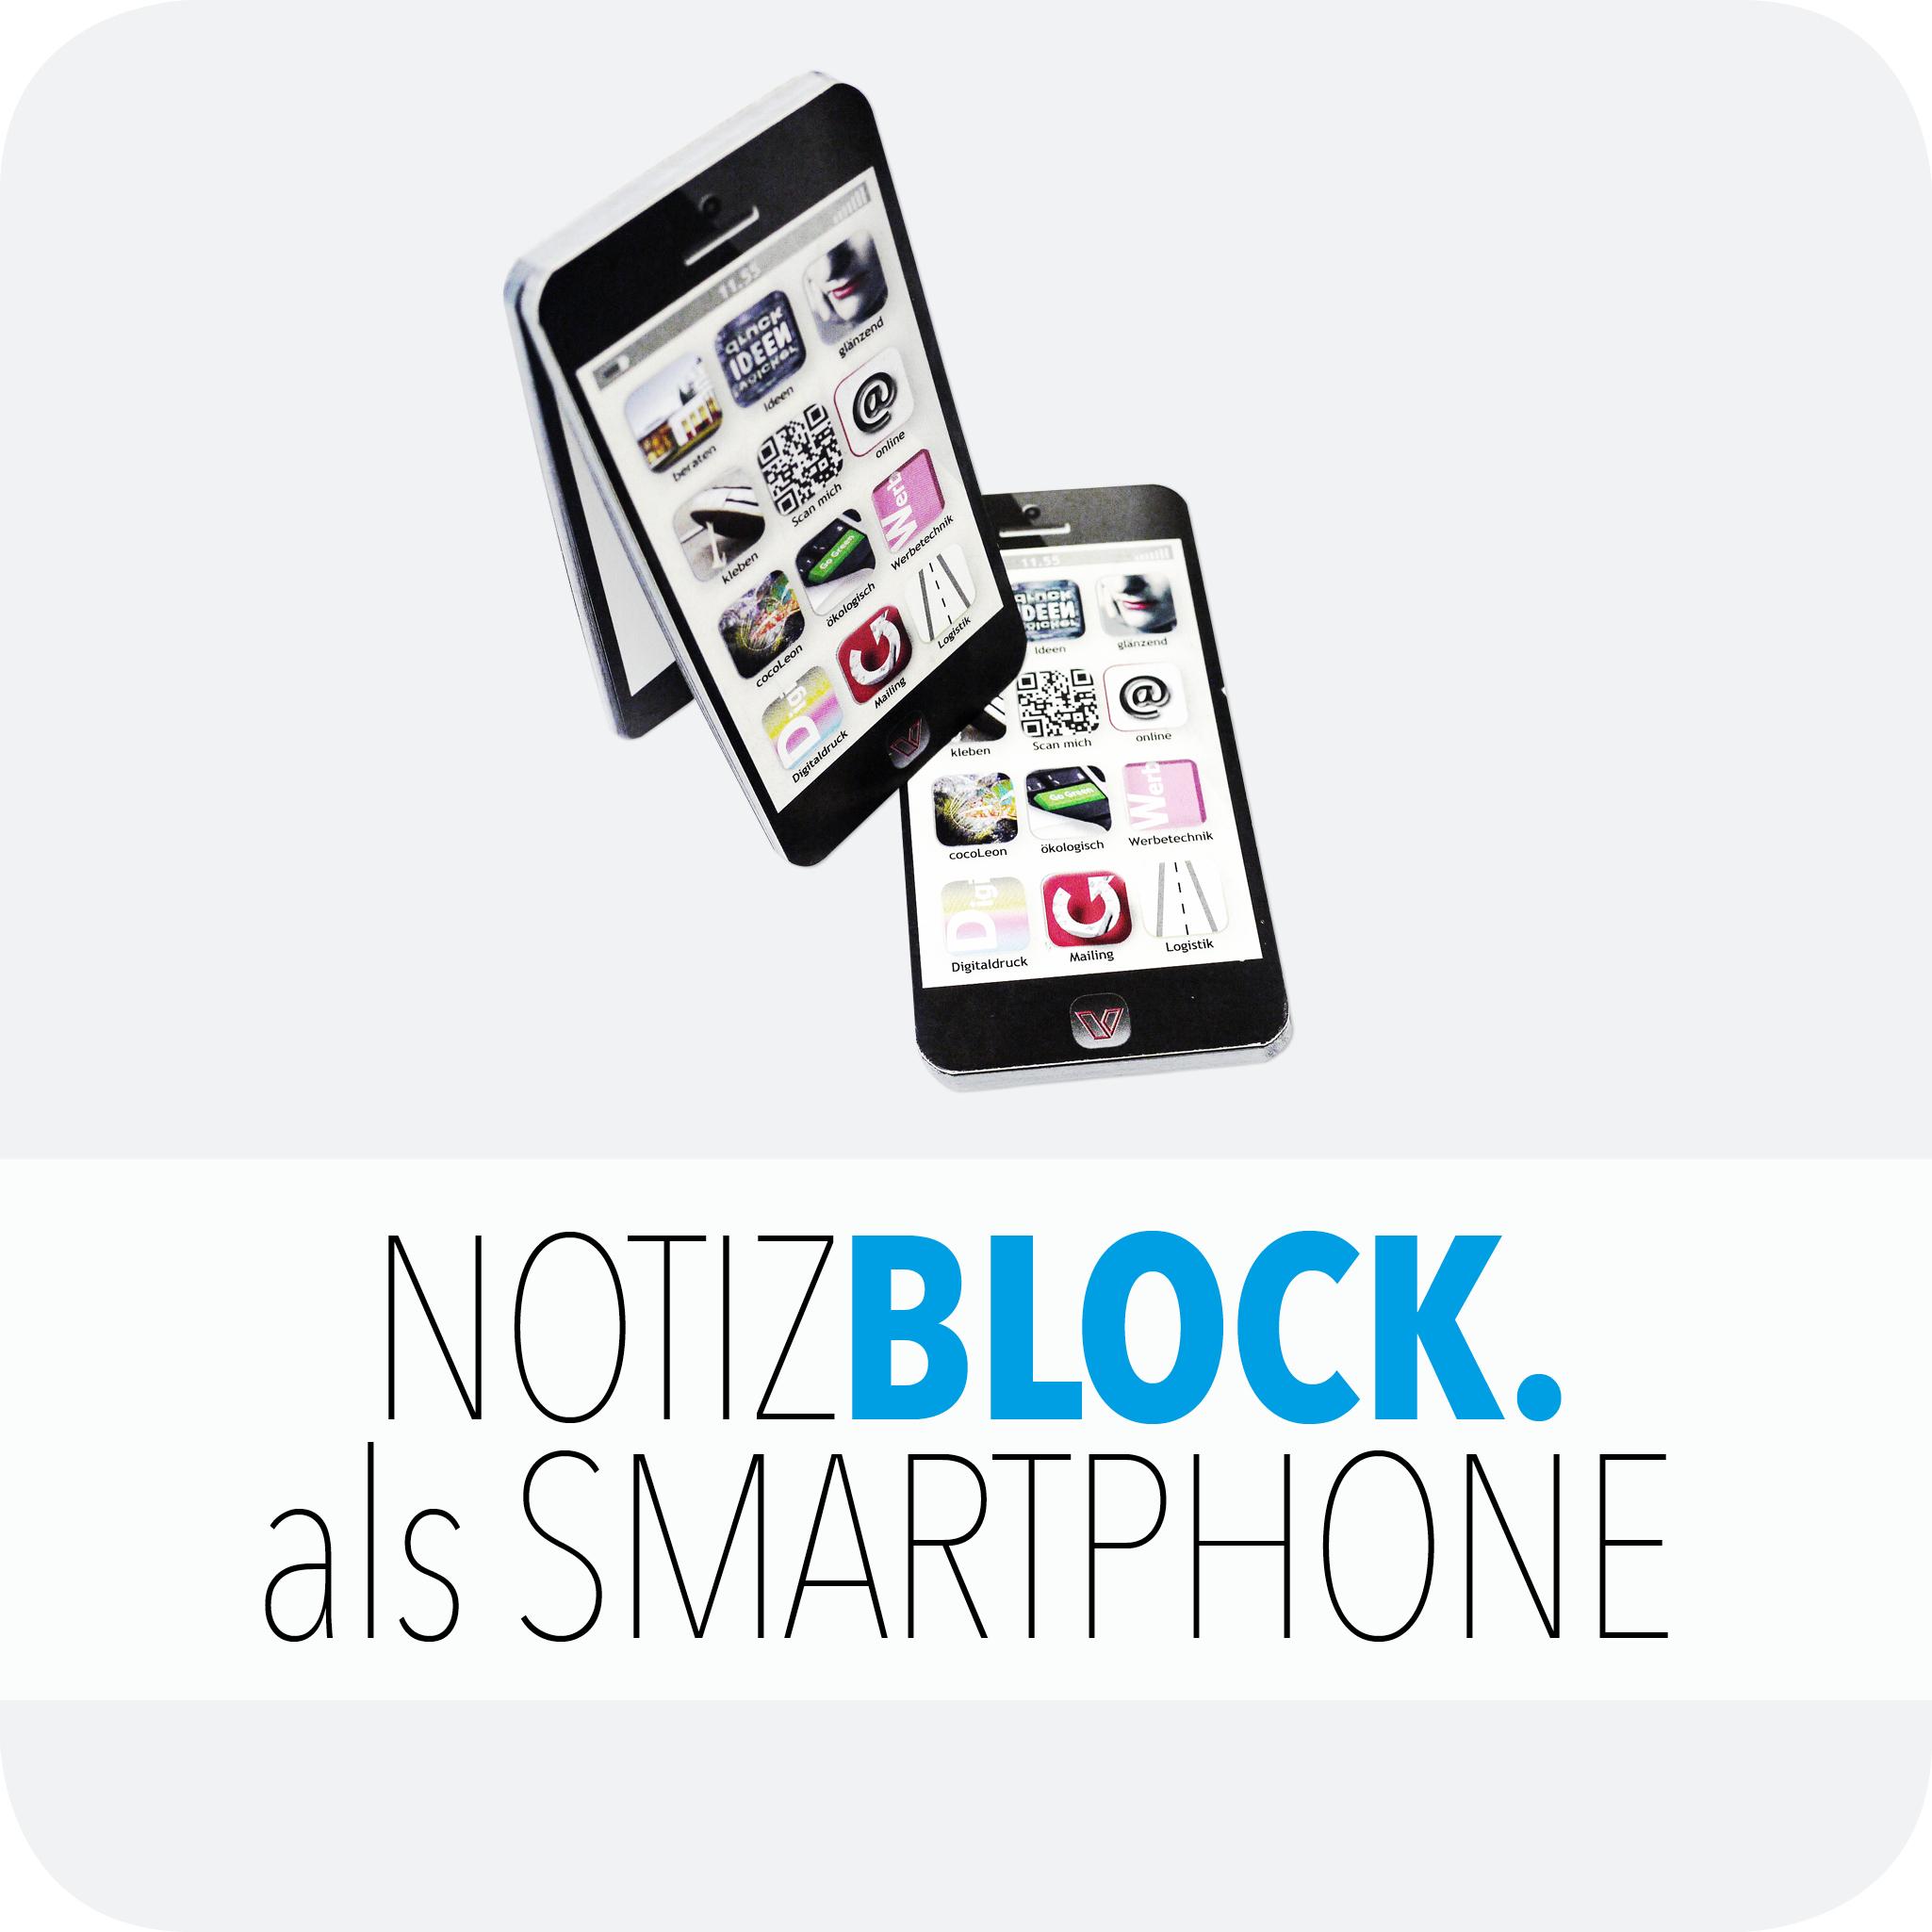 Notizblock als Smartphone